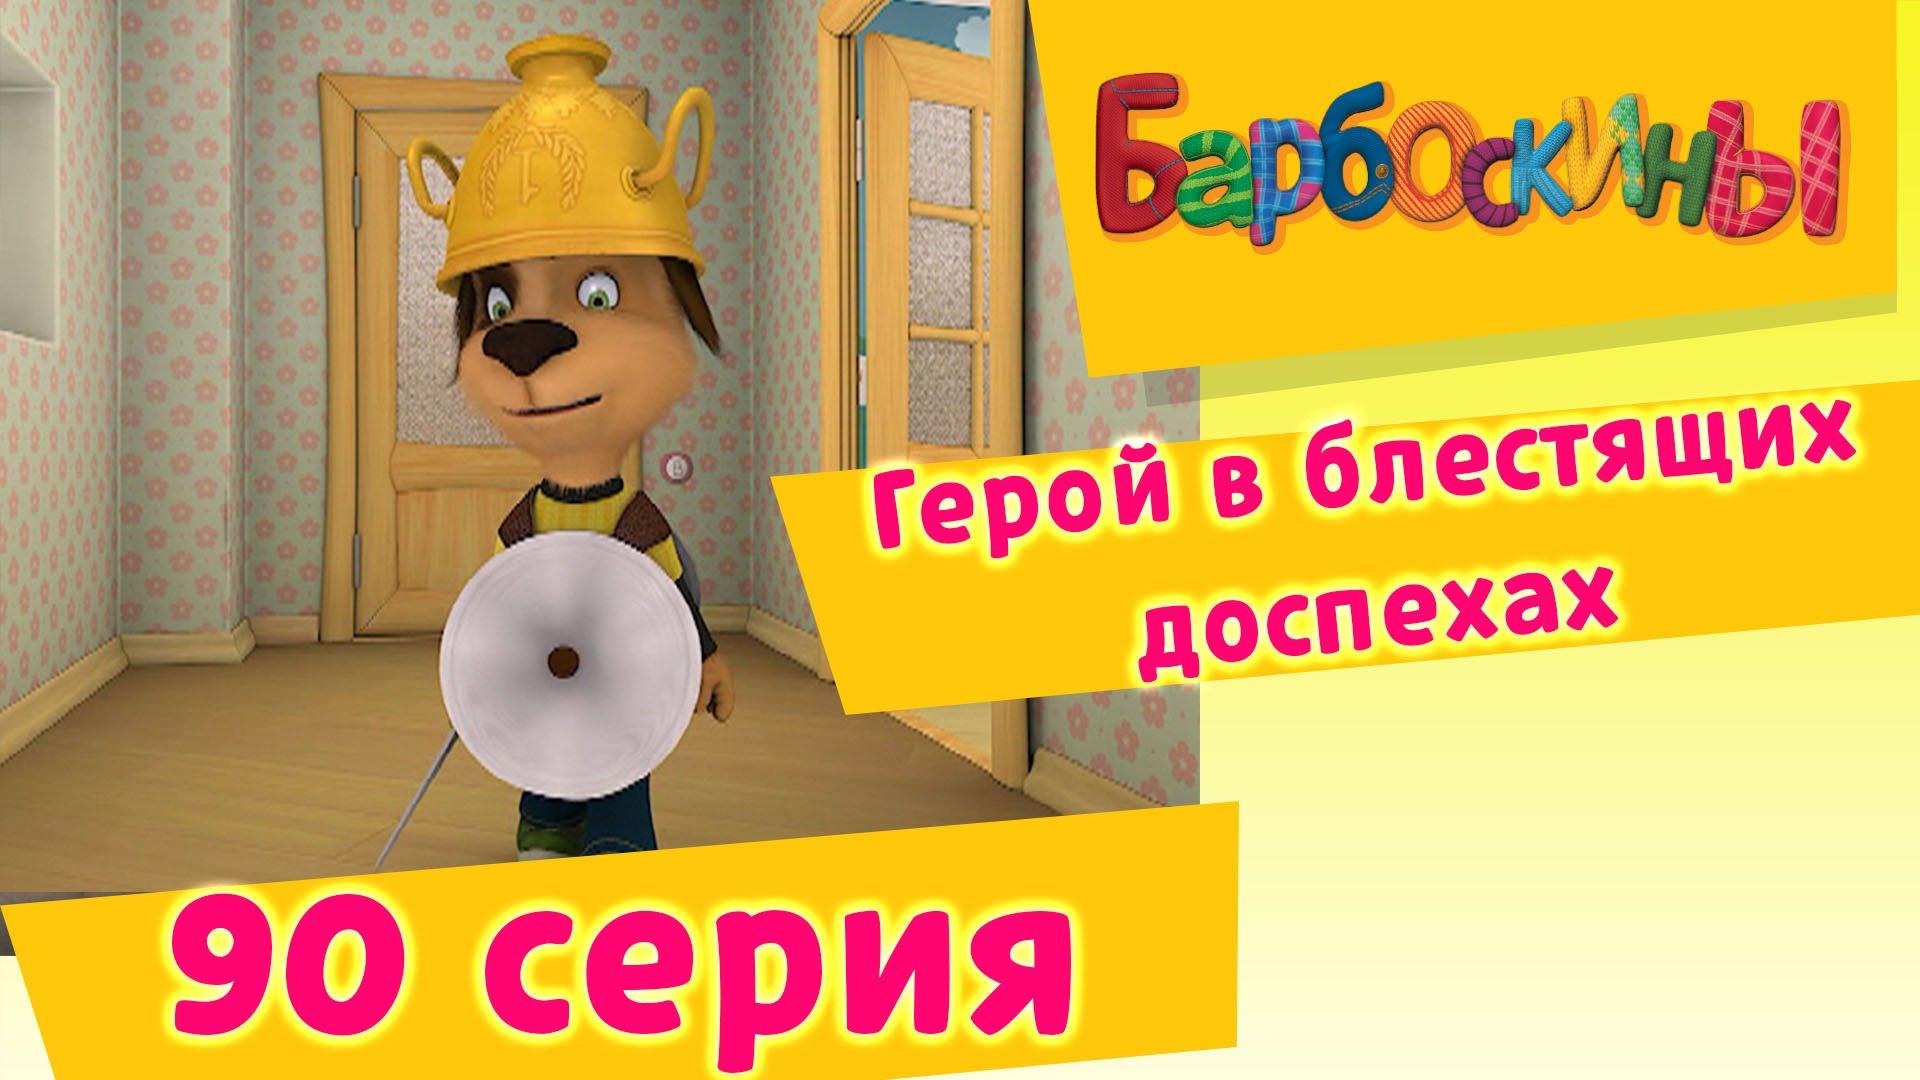 Барбоскины — 90 Серия. Герой в блестящих доспехах